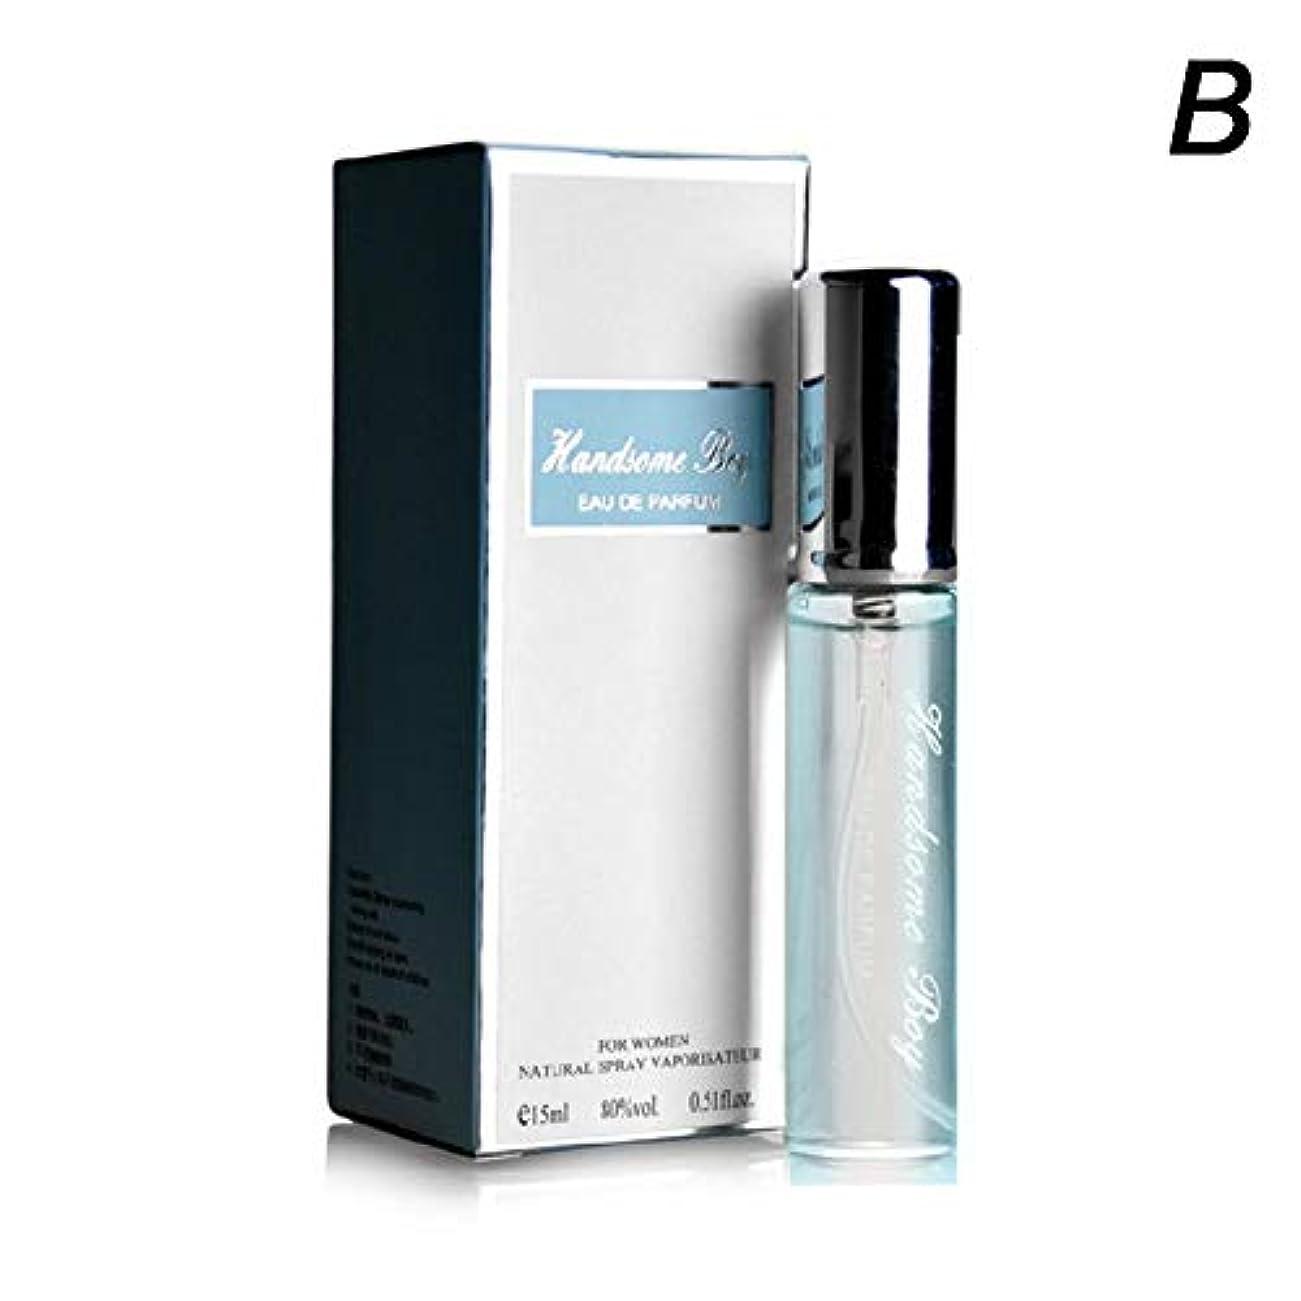 疲労回復する気取らないBETTER YOU (ベター ュー) 男女に通用する香水、自然の香り、持久、ロマンチックな迷情、花の香り (B 男性)